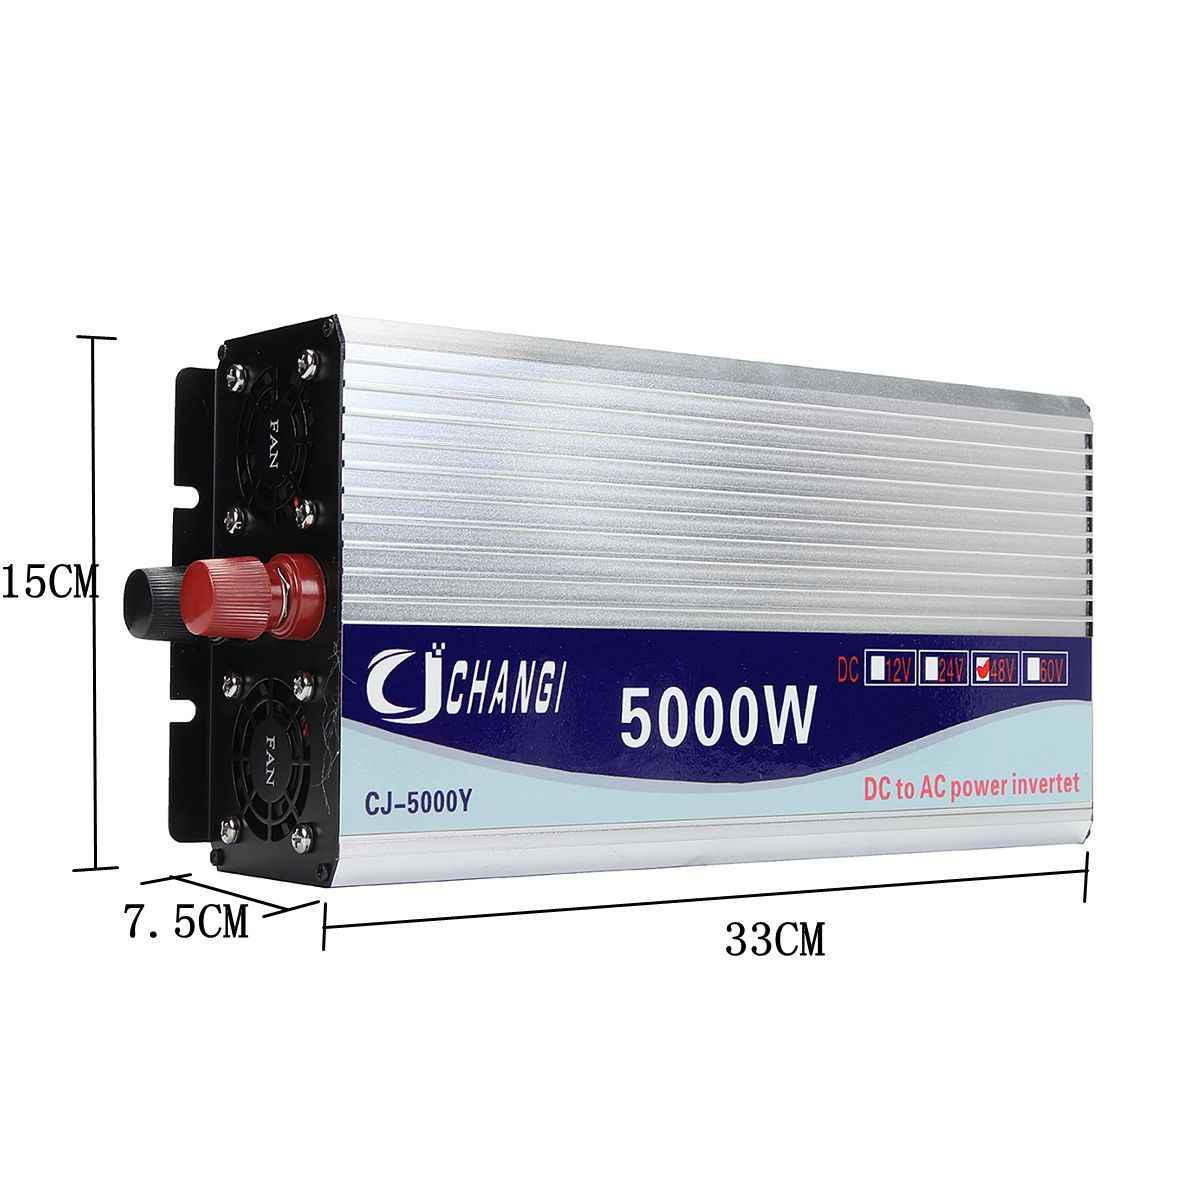 Araç invertörü 12V 220V 10000W max gerilim trafosu 12V/24V/48V modifiye sinüs dalga güç gerilim trafosu invertör dönüştürücü